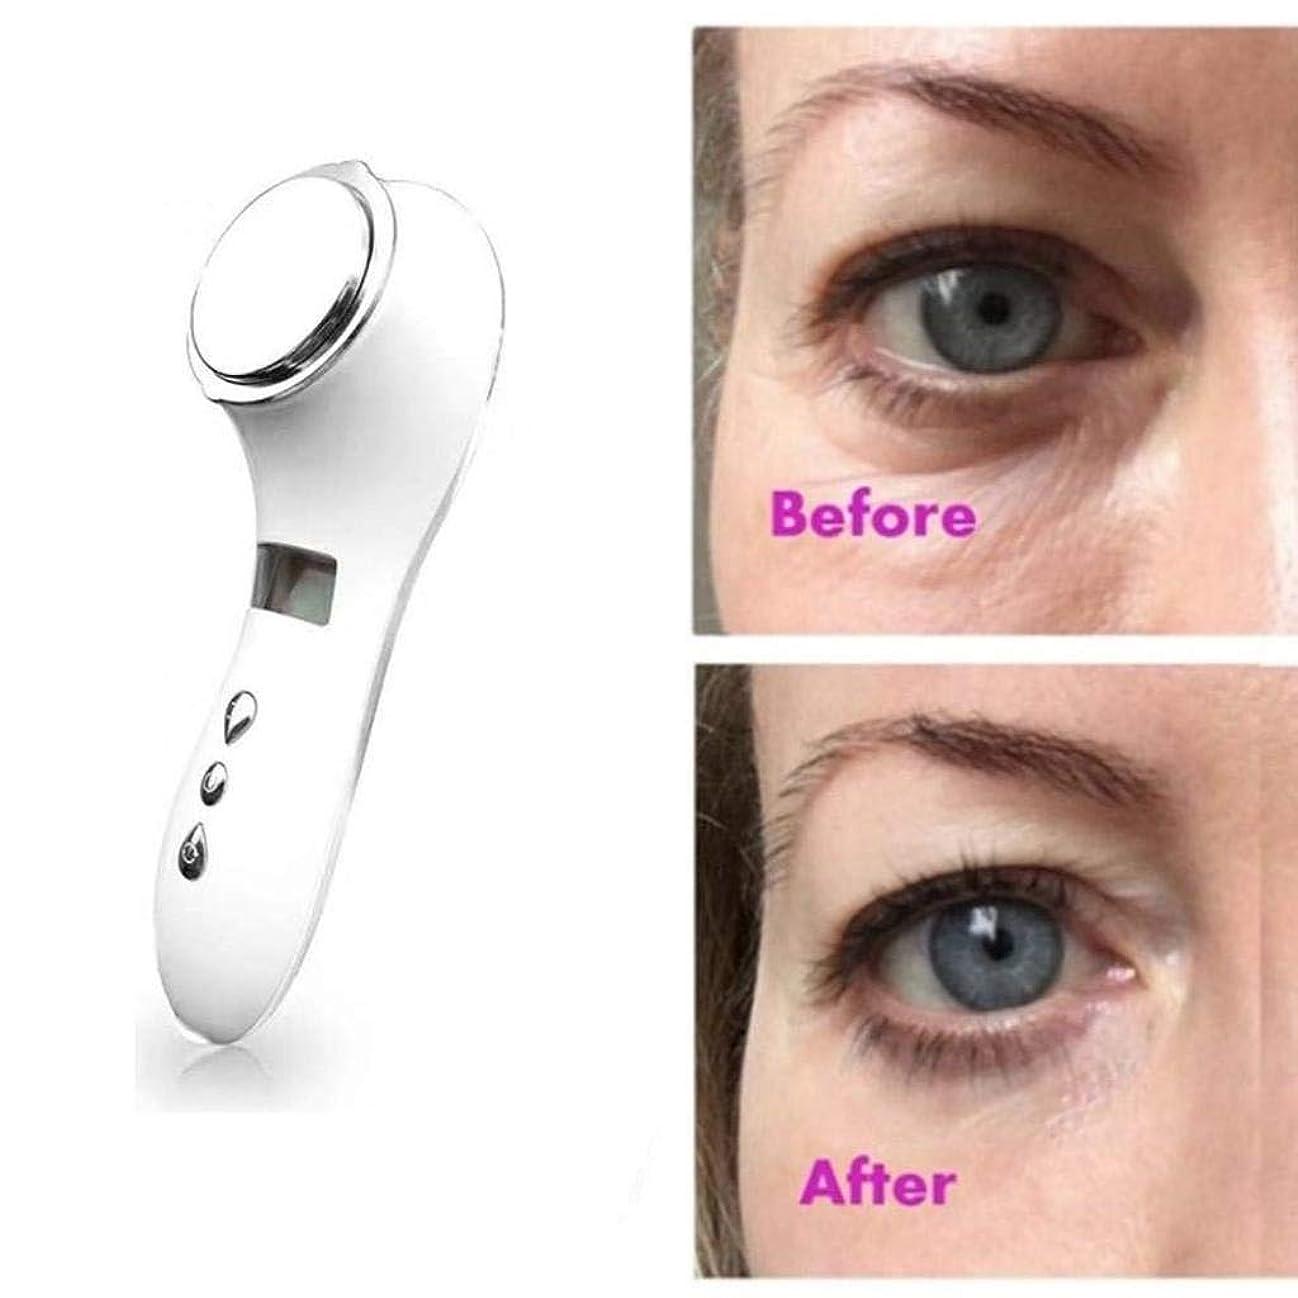 魔術師微視的見通しマッサージ機、振動機能付きマッサージ装置、ホット&コールド、ソニックフェイシャルマッサージ装置、イオン入力フェイシャル振動のディープクリーニング、肌の代謝を促進 (Color : White)